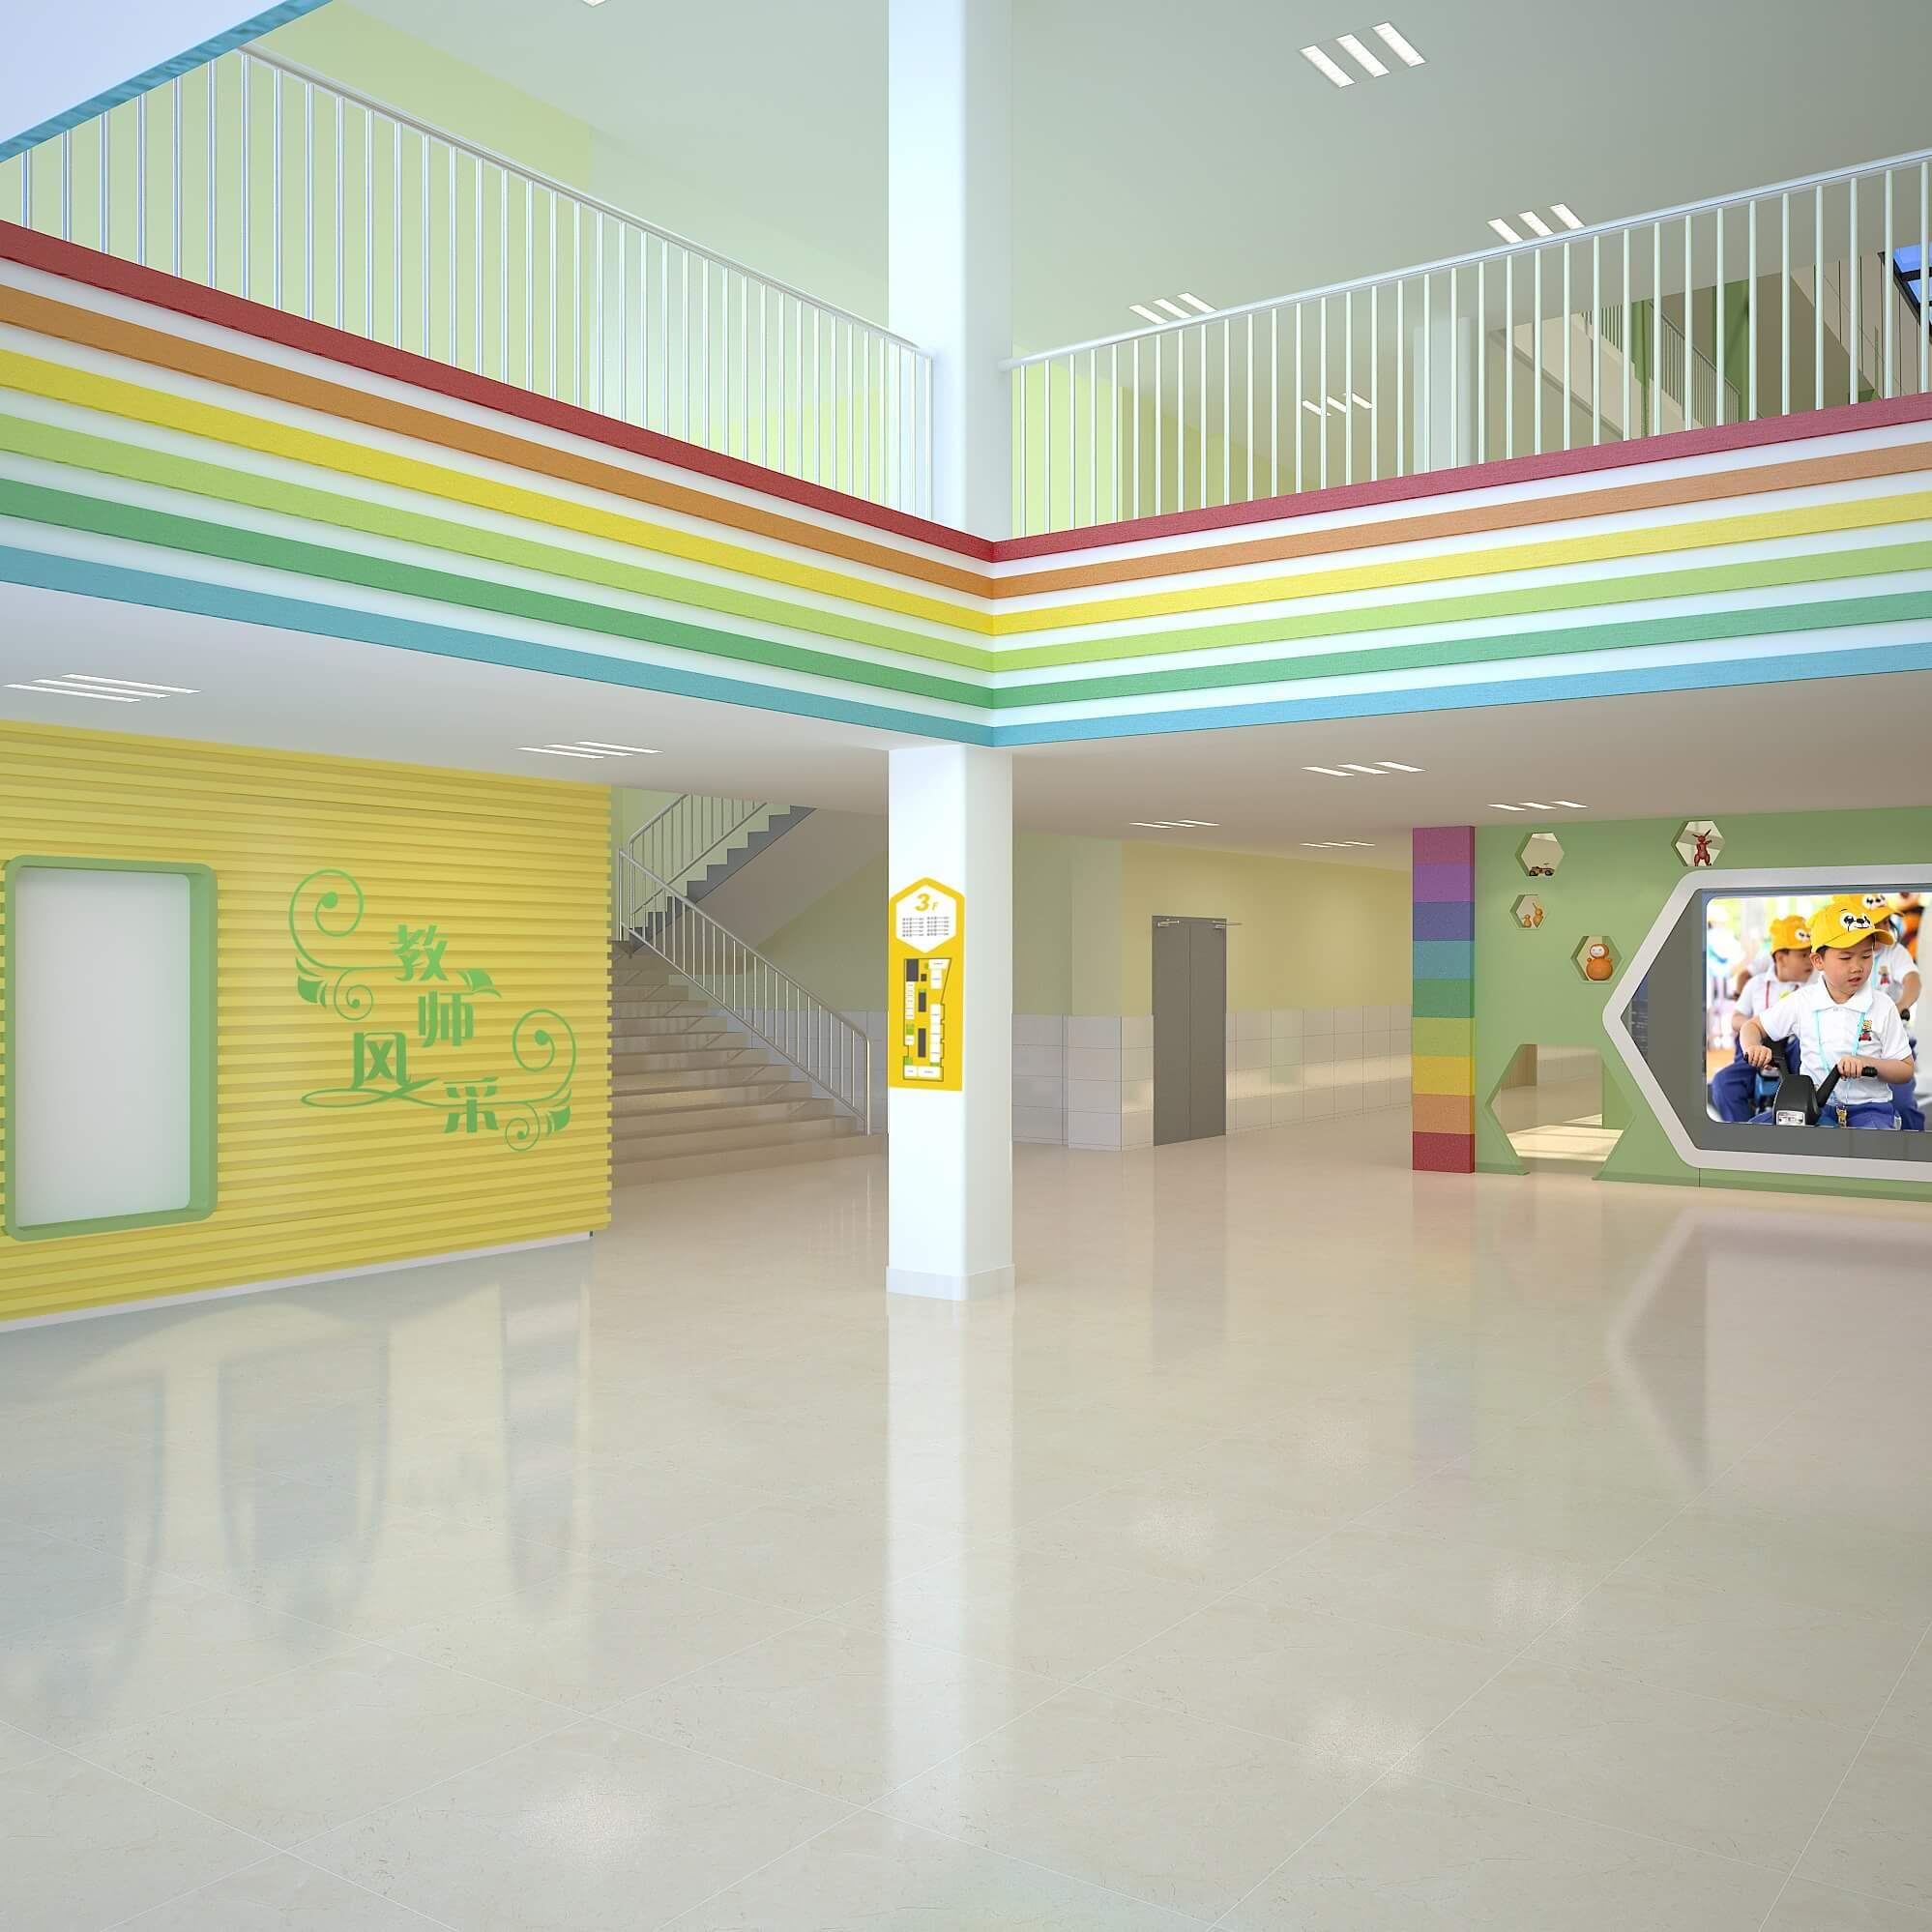 金通幼儿园装饰